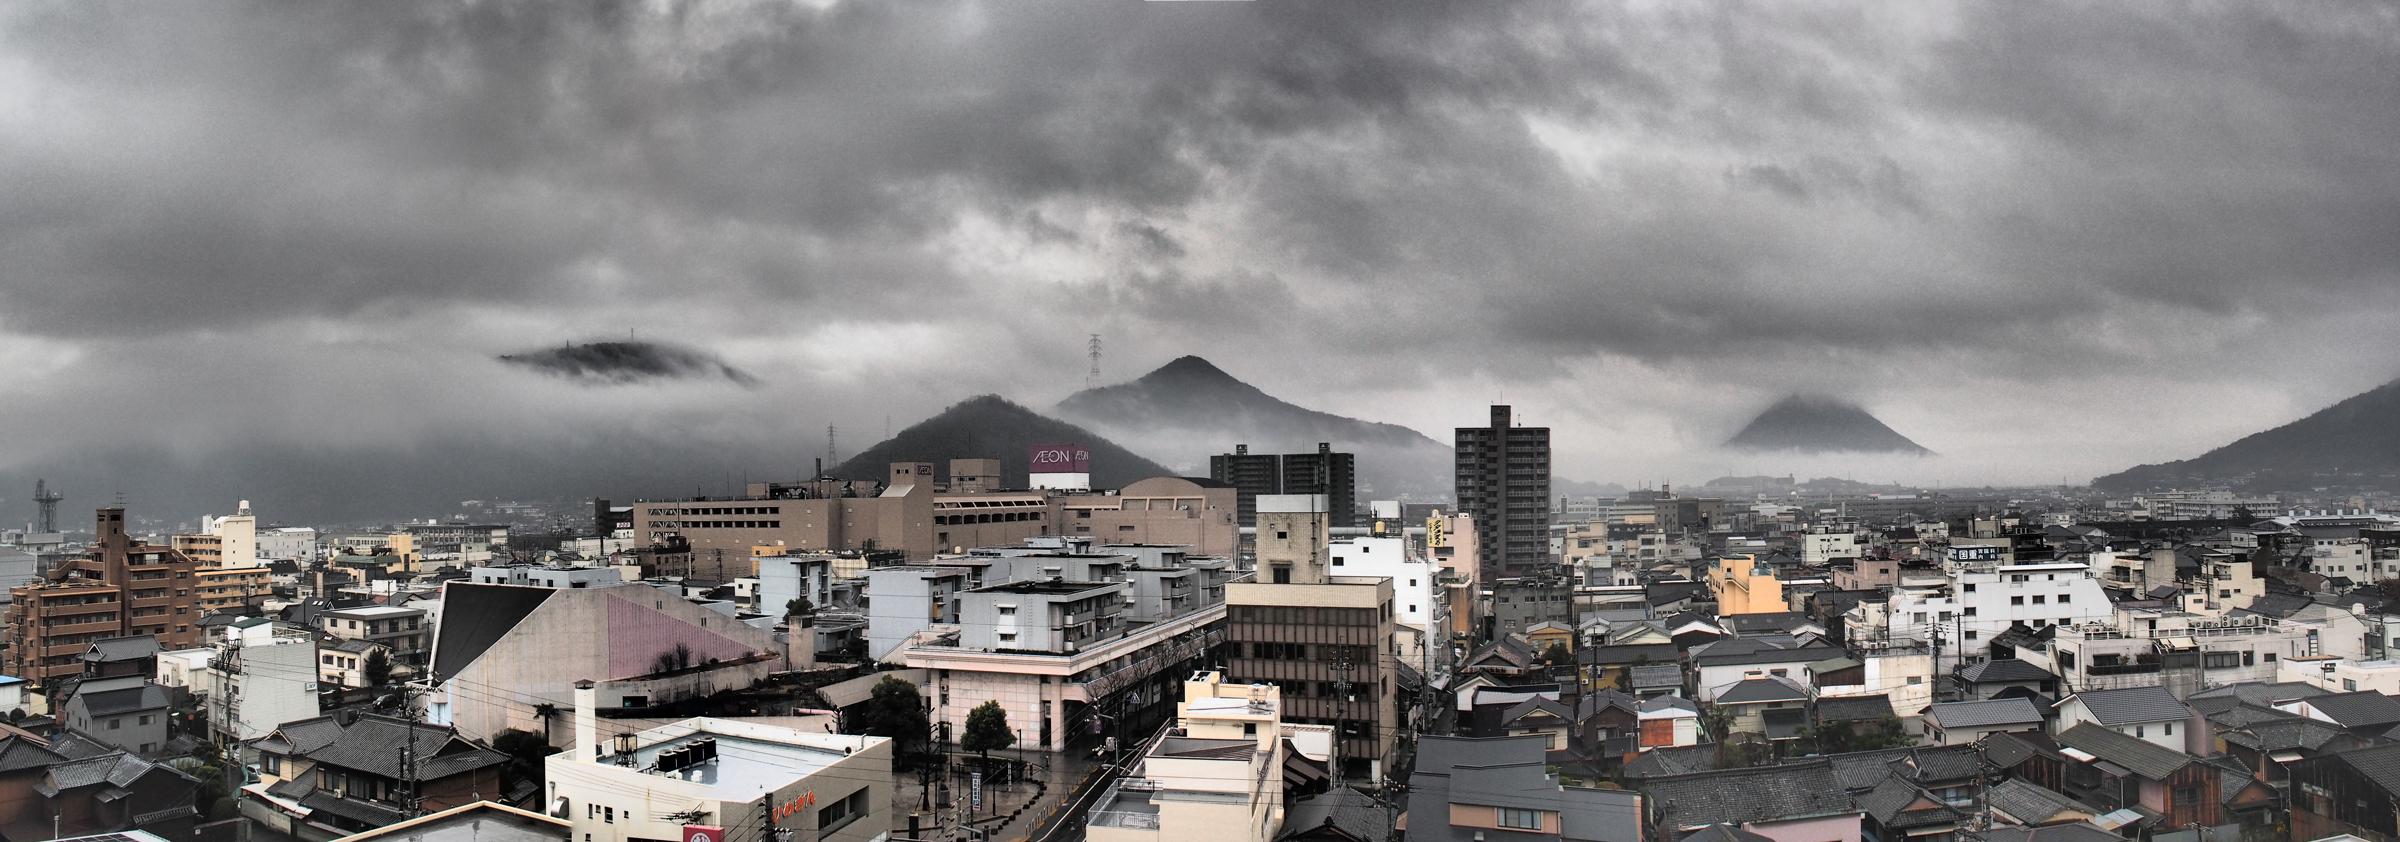 今日は雲が低く幻想的な景色でした。